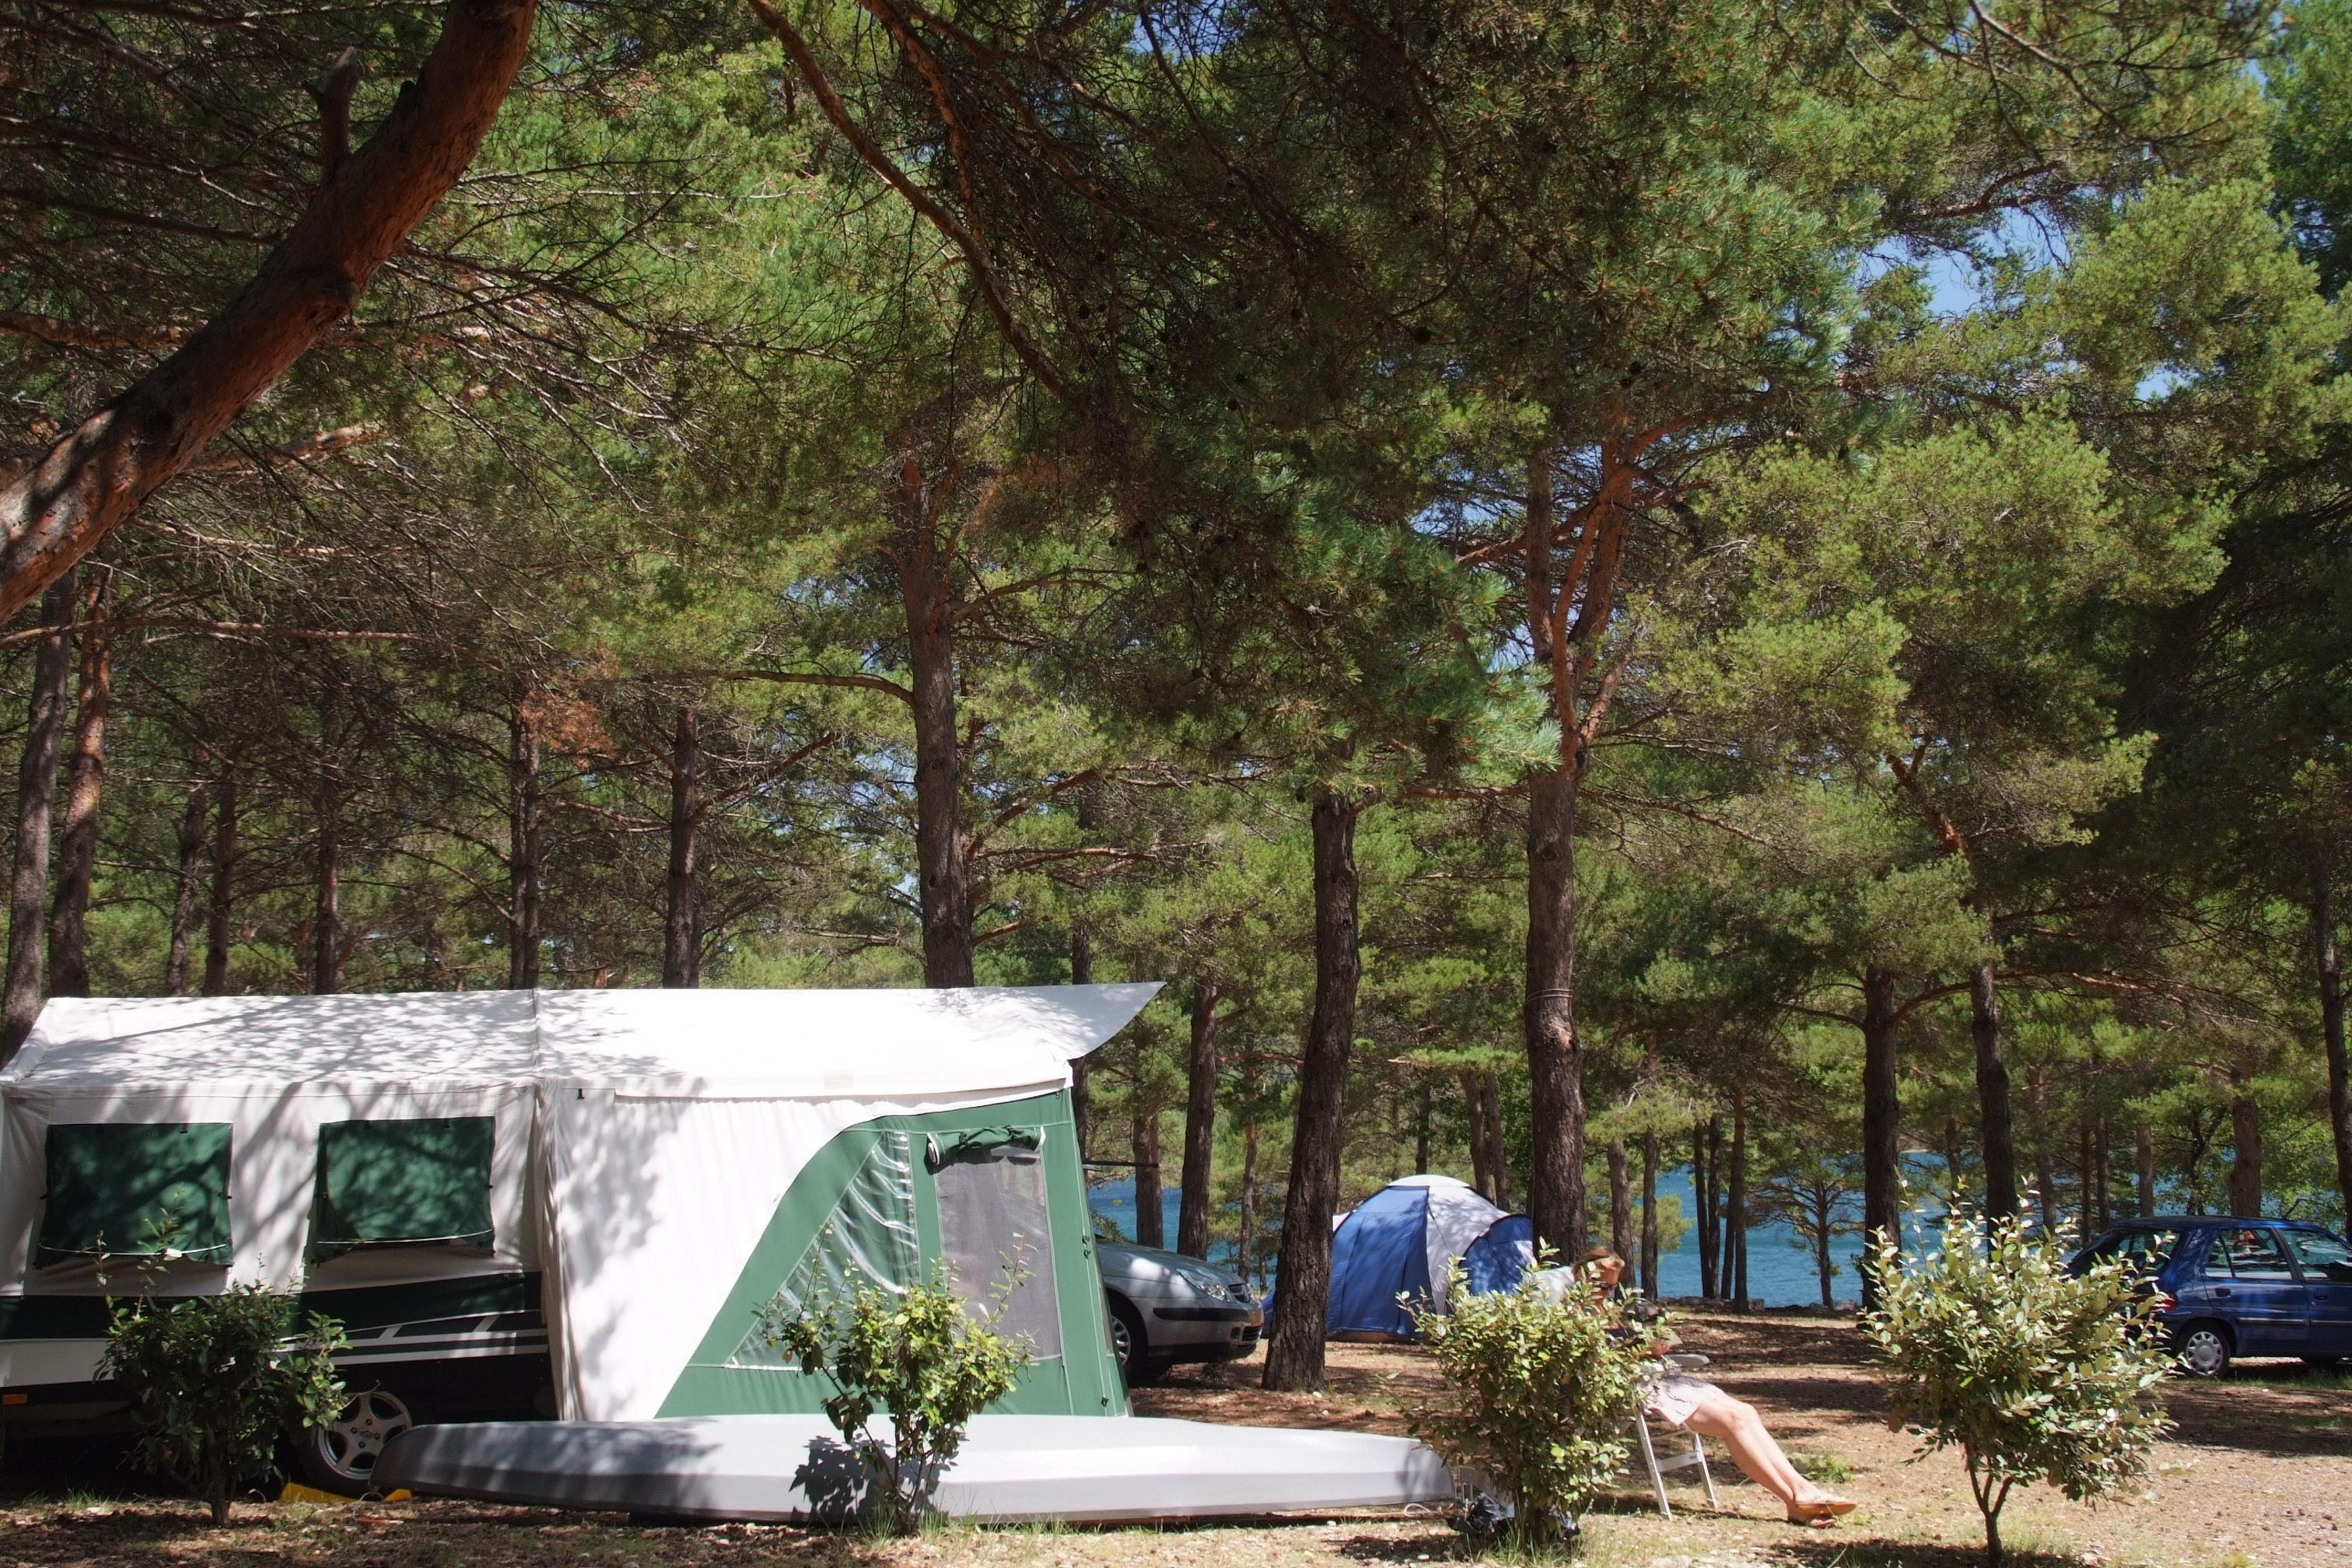 Emplacement - Forfait Emplacement Confort 90M² + Électricité (1 À 6 Personnes) - Camping La Farigoulette